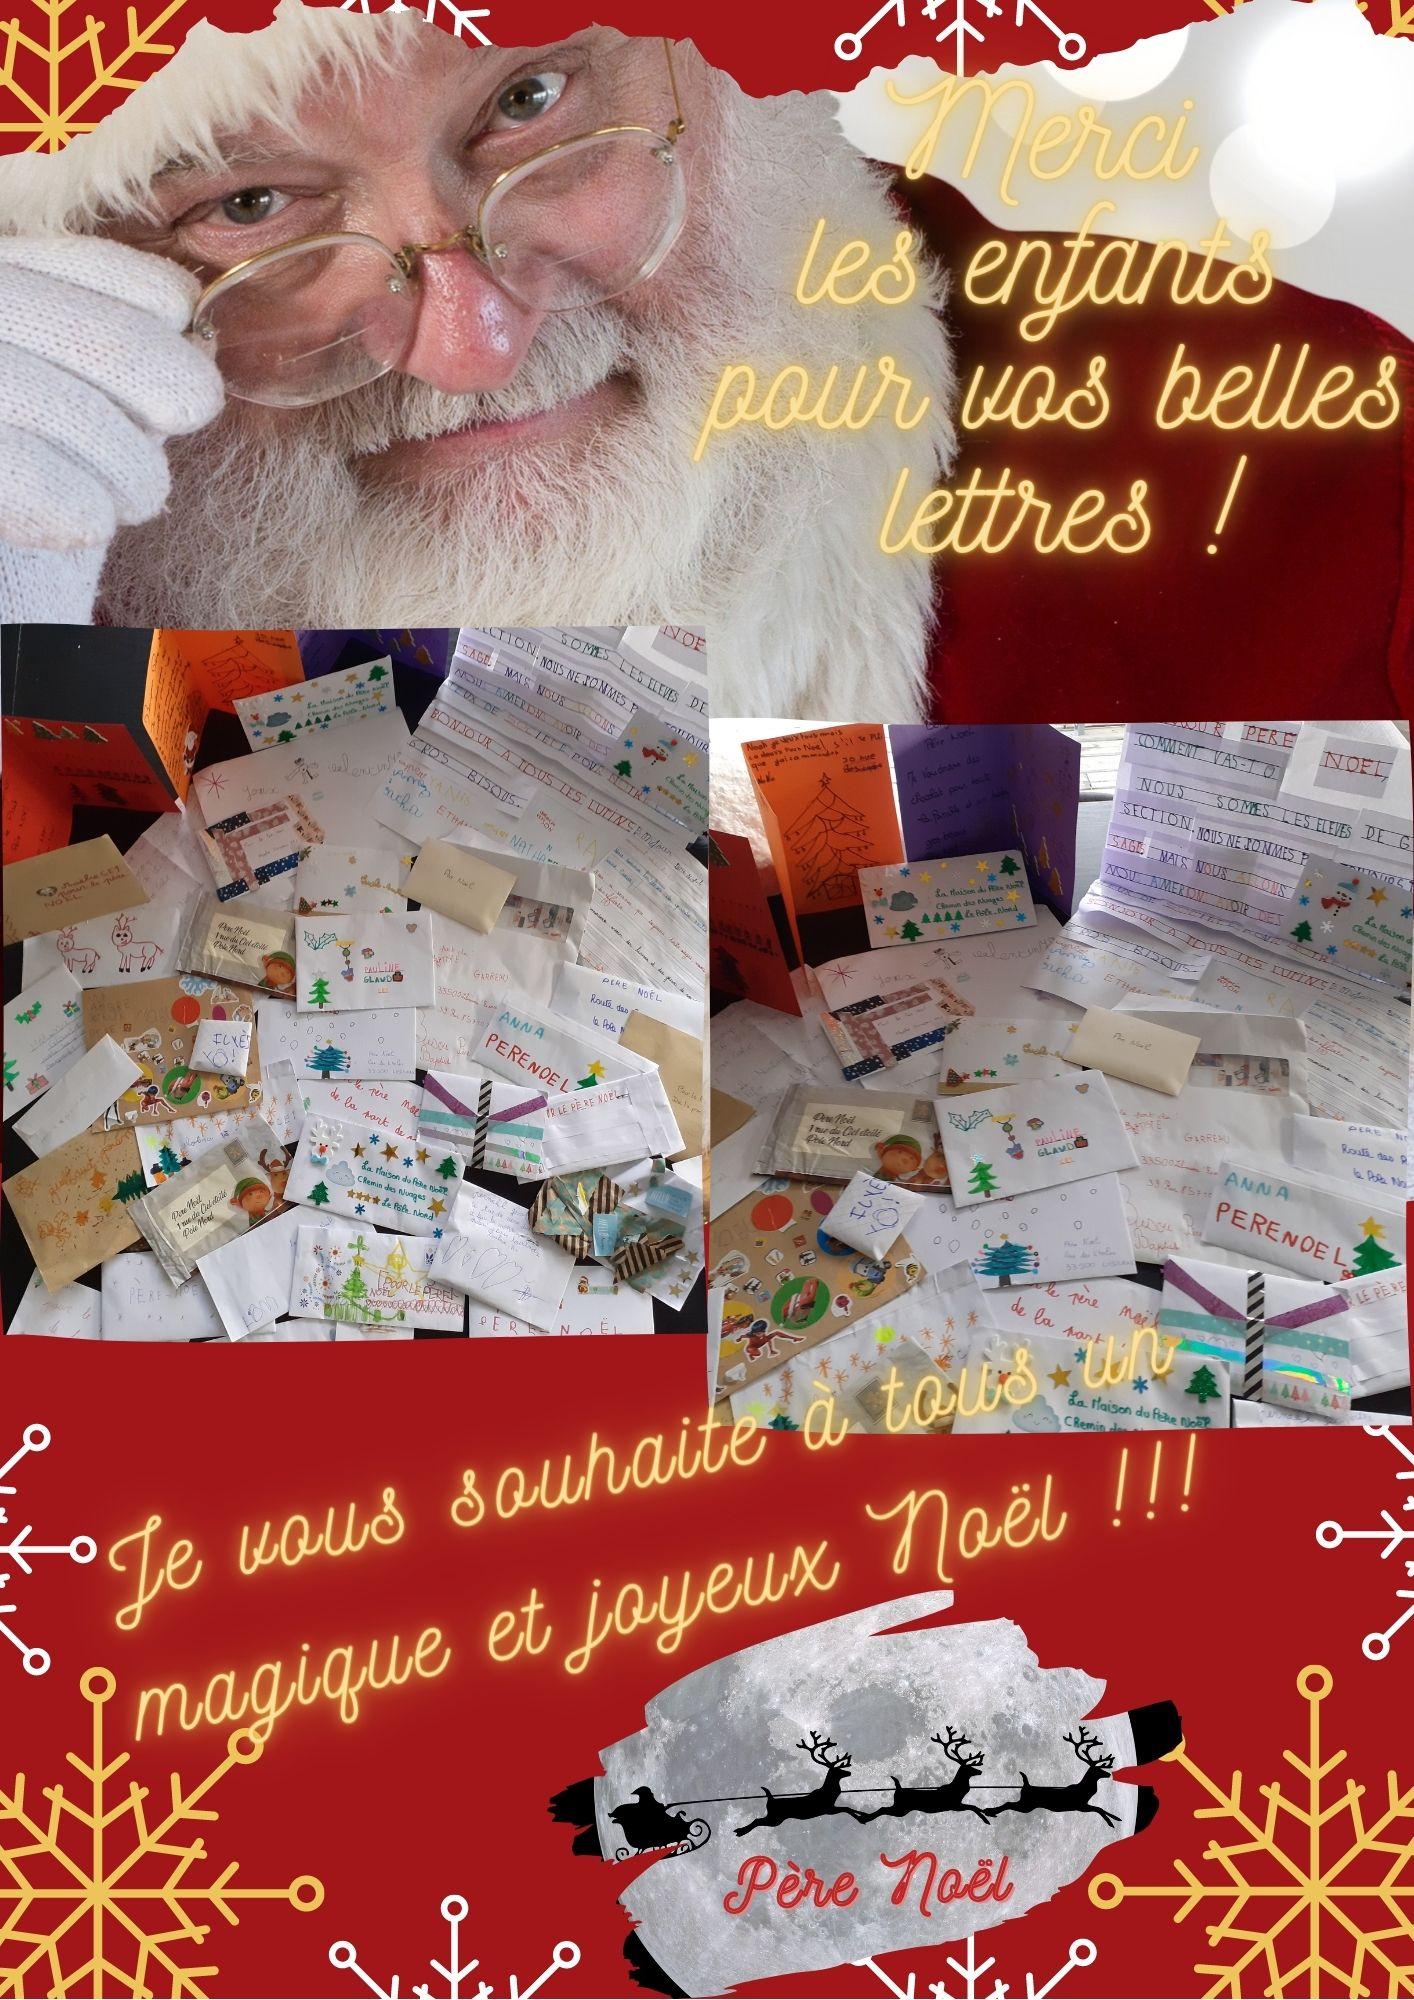 Merci les enfants pour vos beaux courriers !